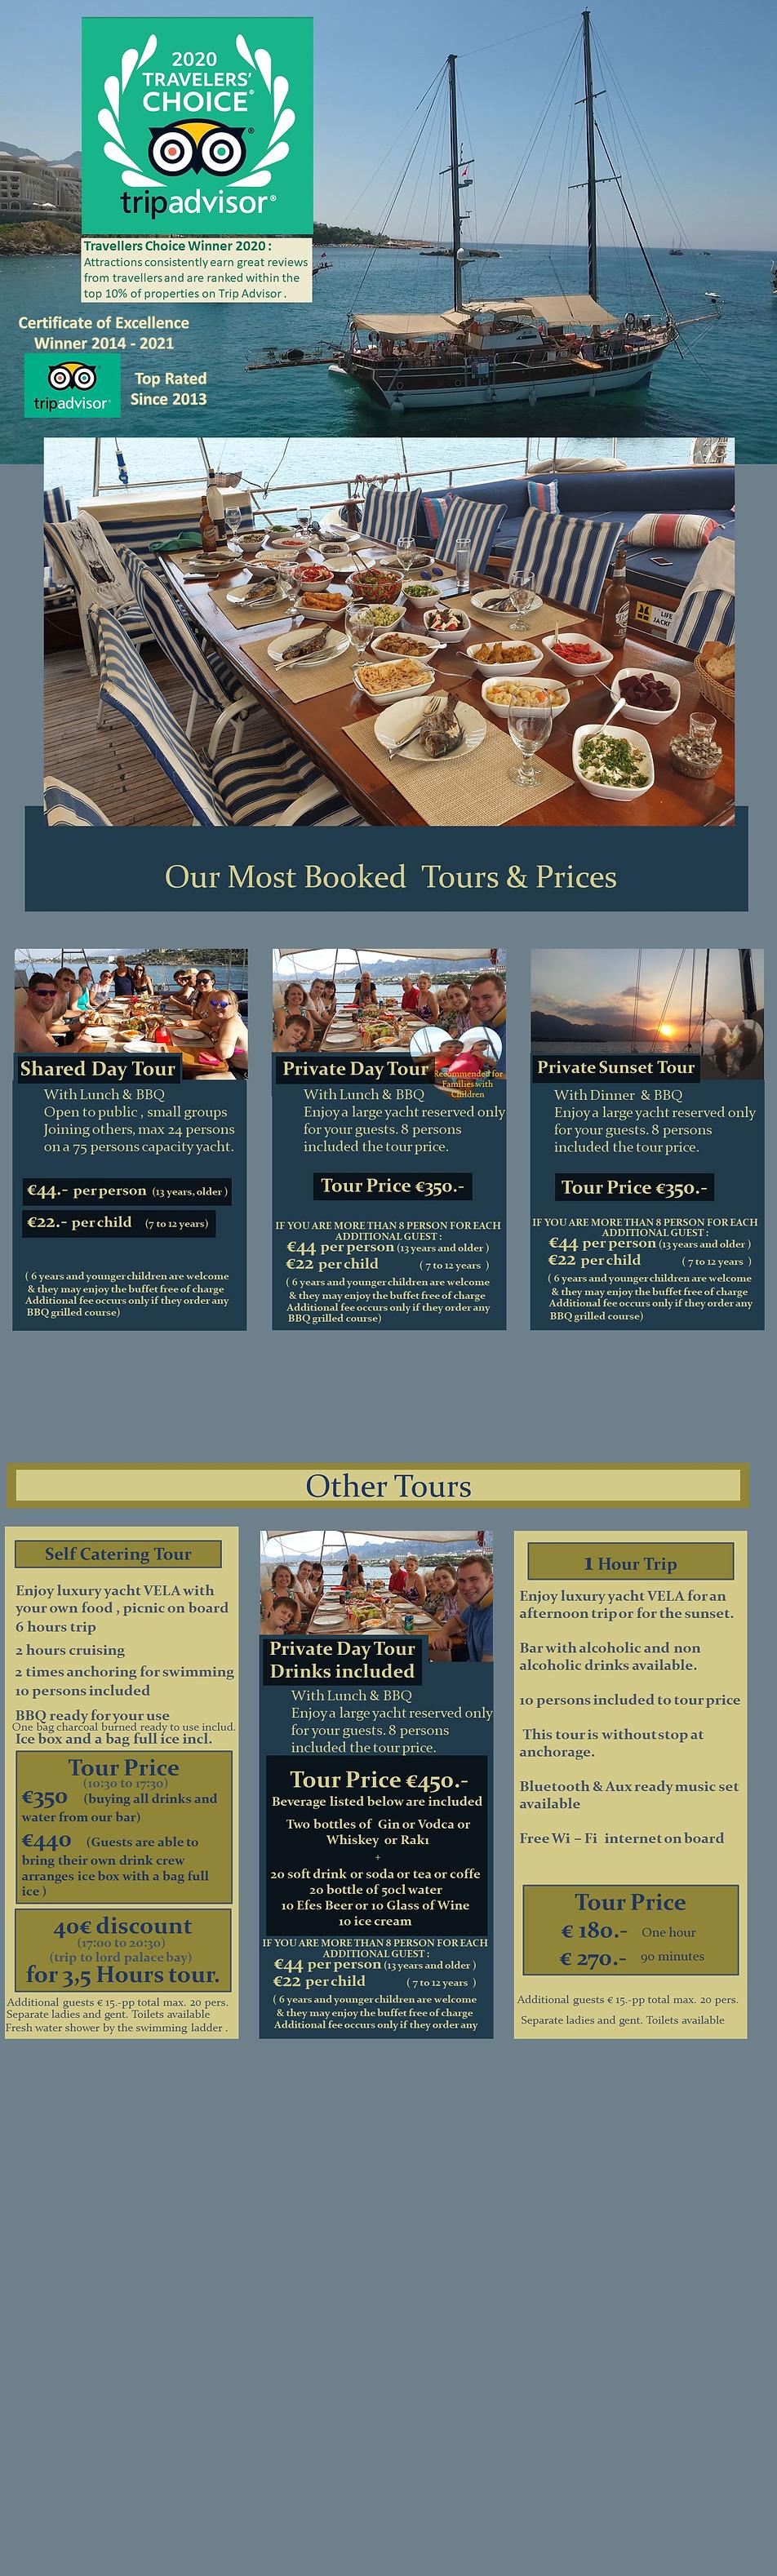 tour prices.jpg